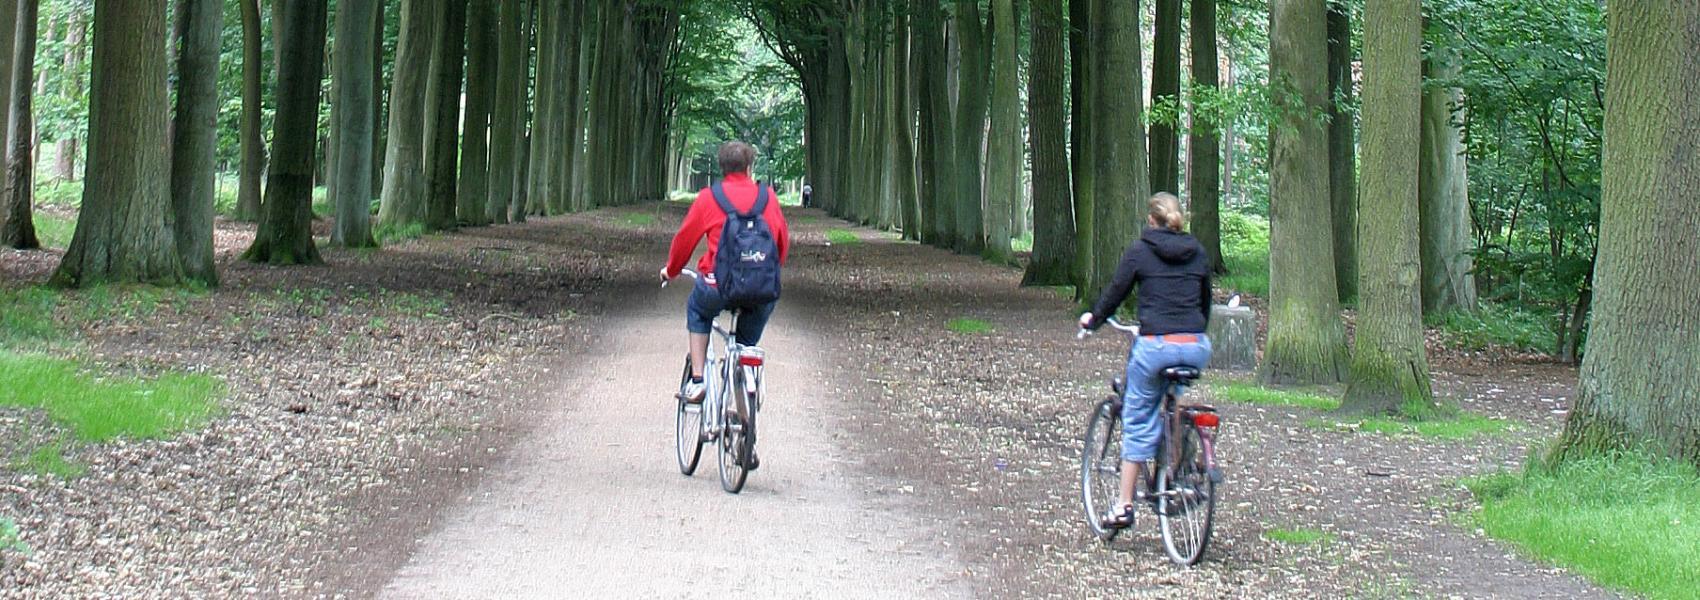 fietsers in een dreef